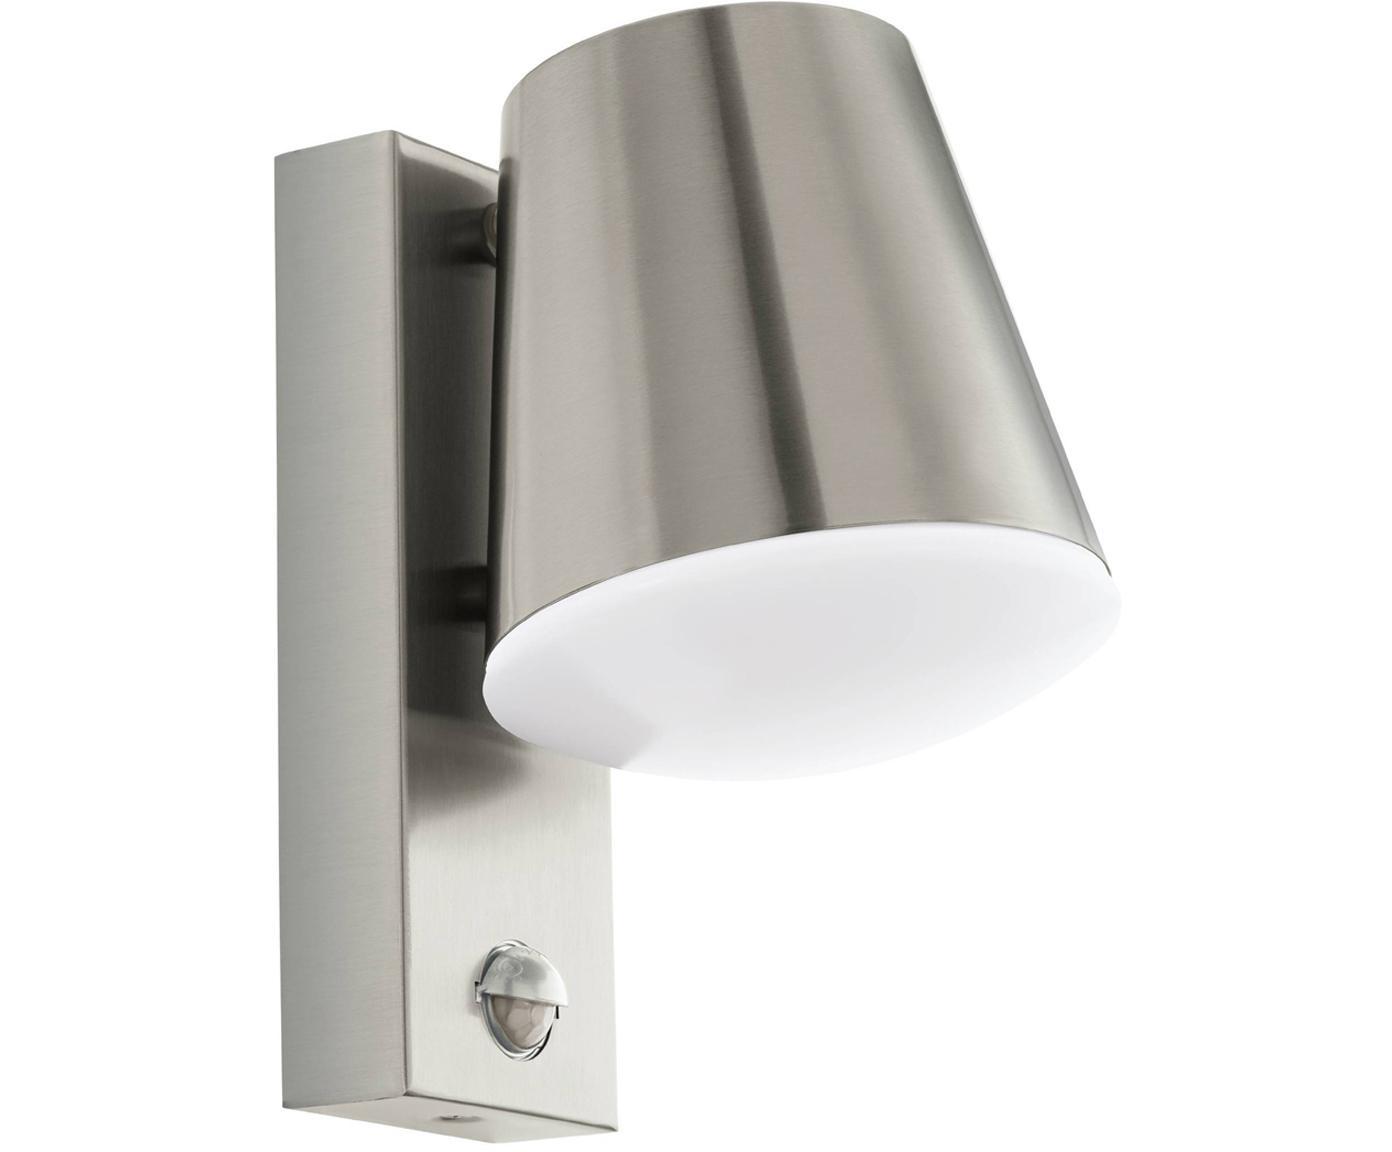 Außenwandleuchte Caldiero mit Bewegungsmelder, Lampenschirm: Edelstahl, Edelstahl, 14 x 24 cm